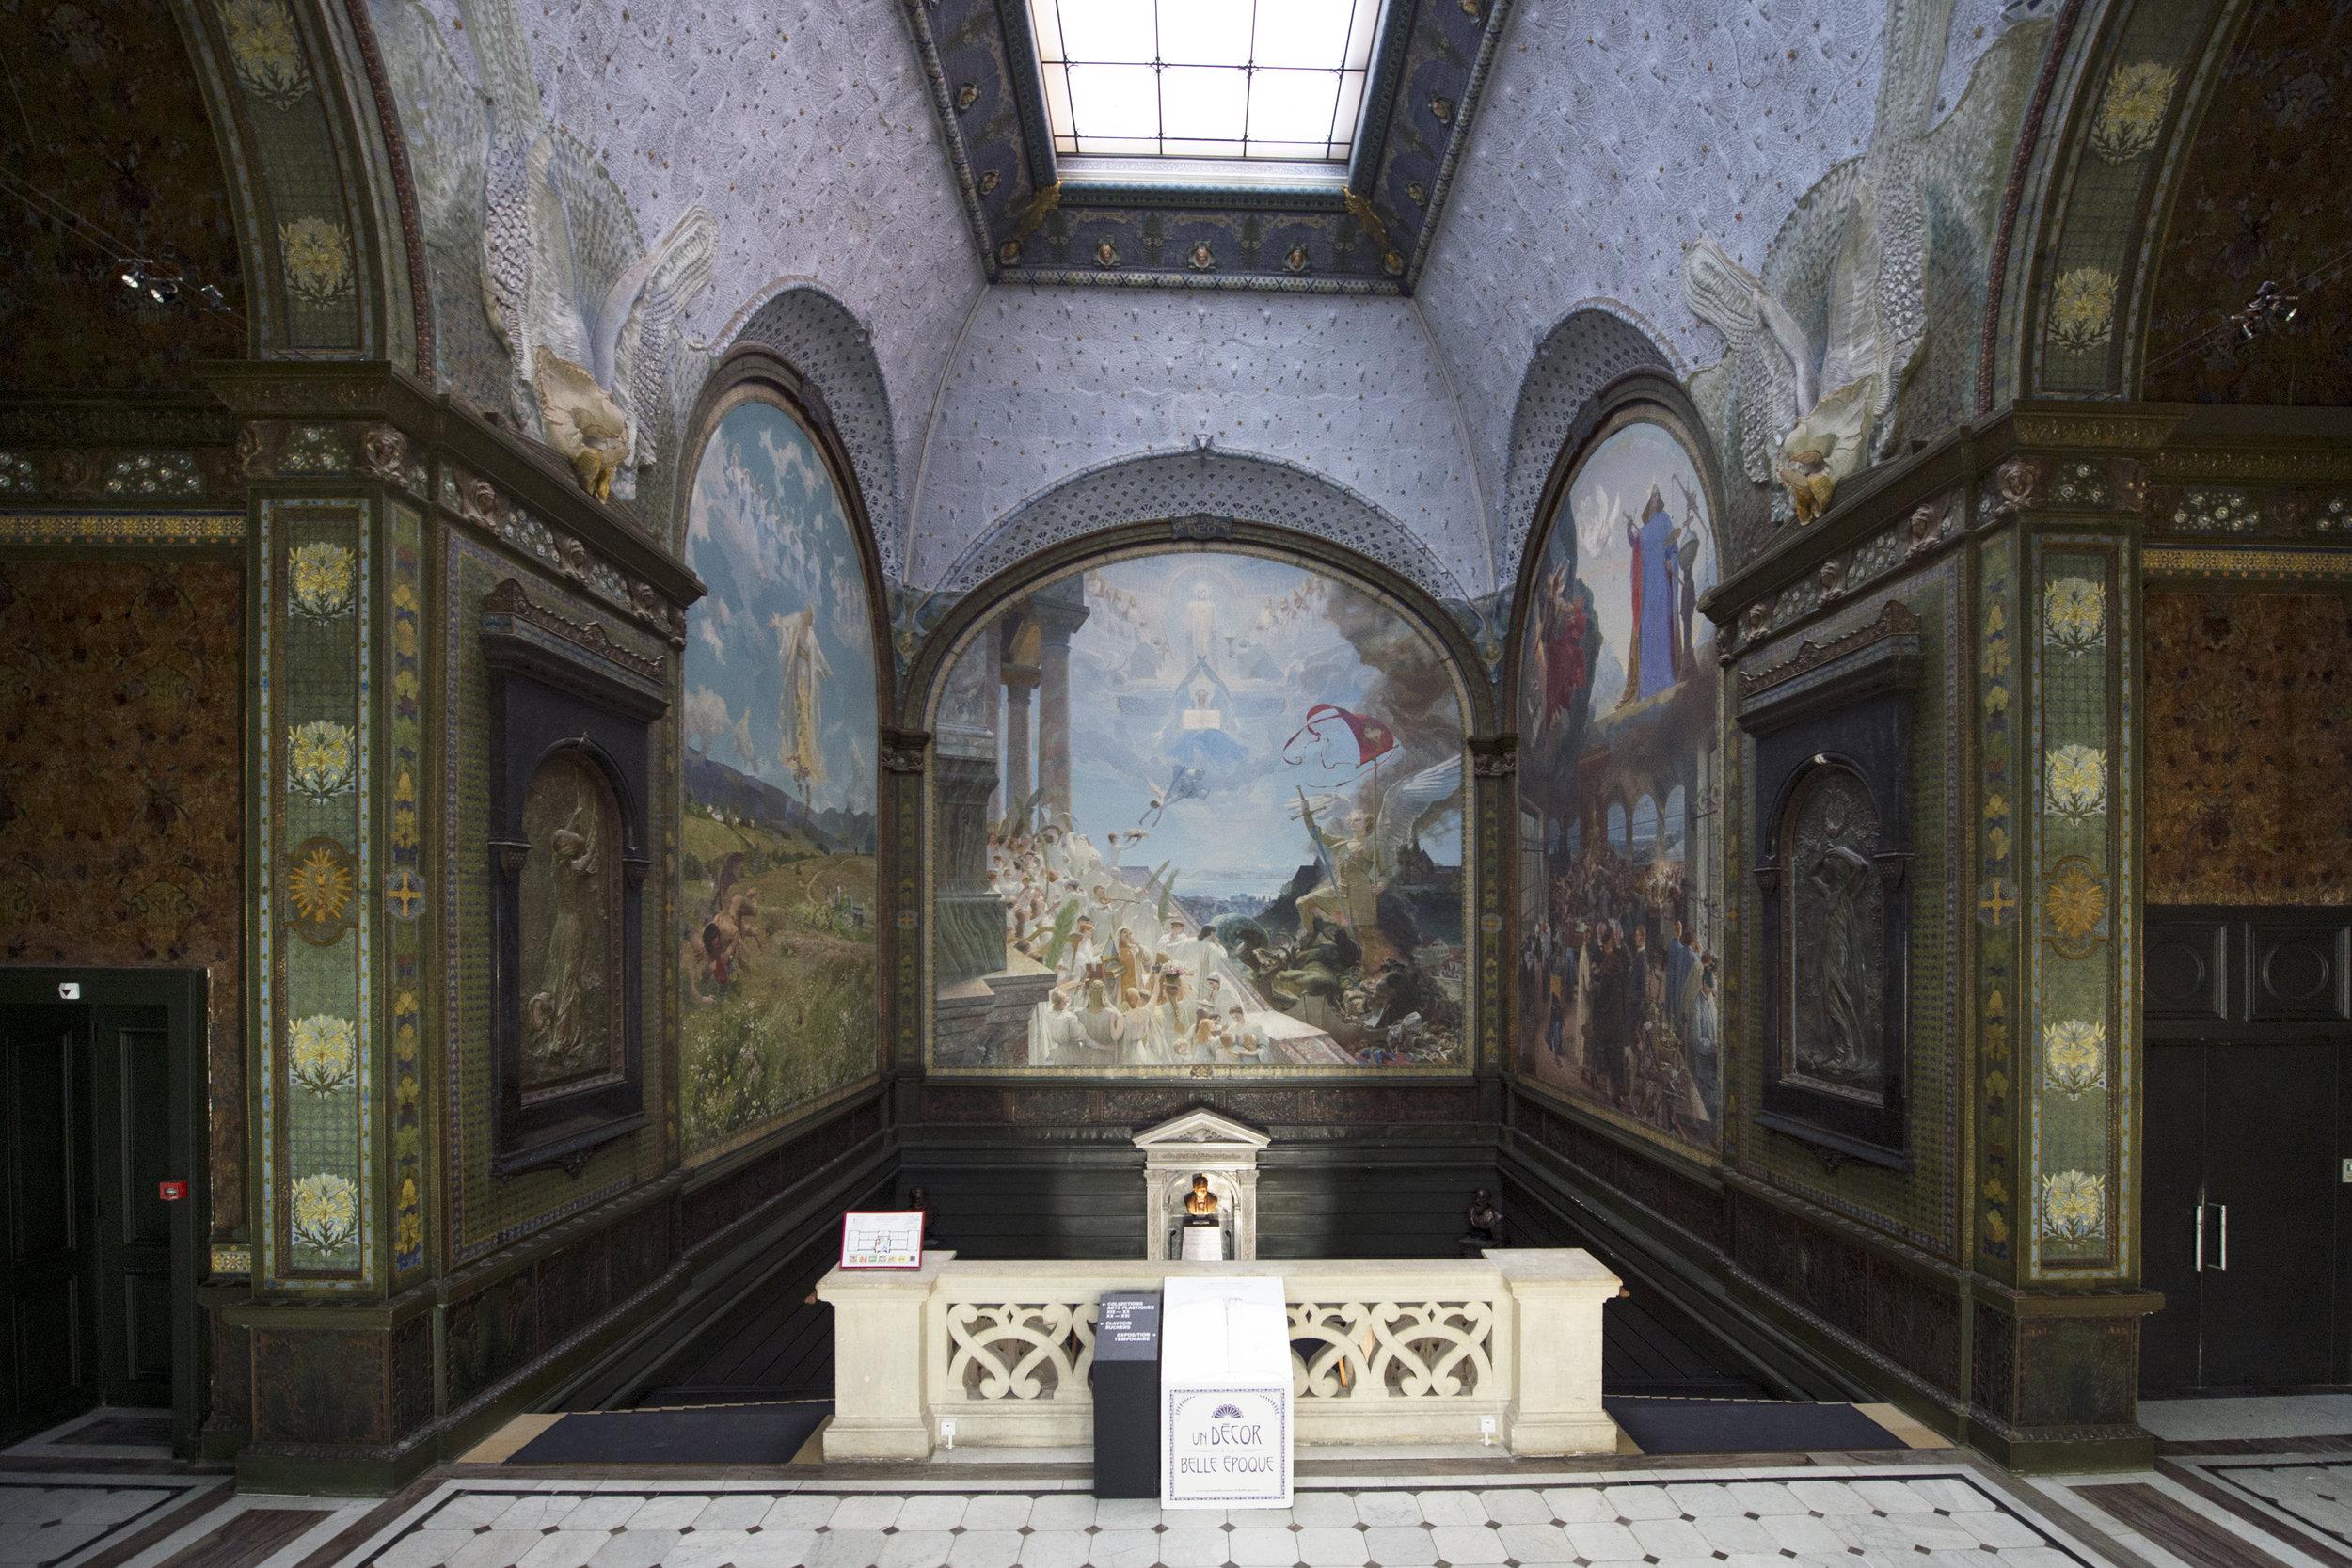 Vue d'ensemble de la cage d'escalier du Musée d'art et d'histoire de Neuchâtel